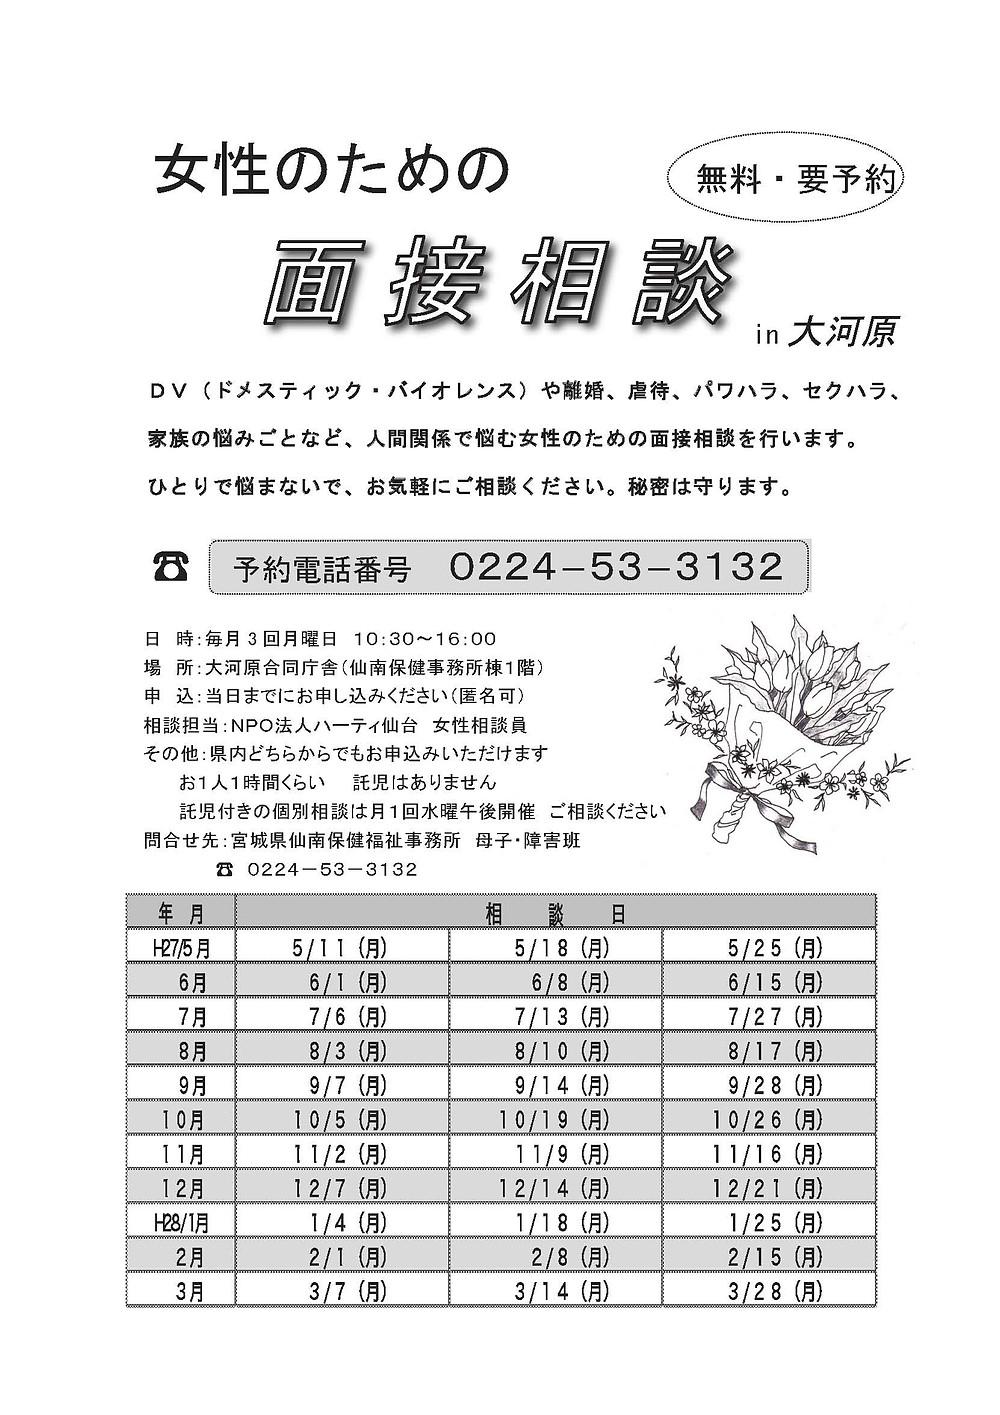 大河原面接相談チラシ.jpg